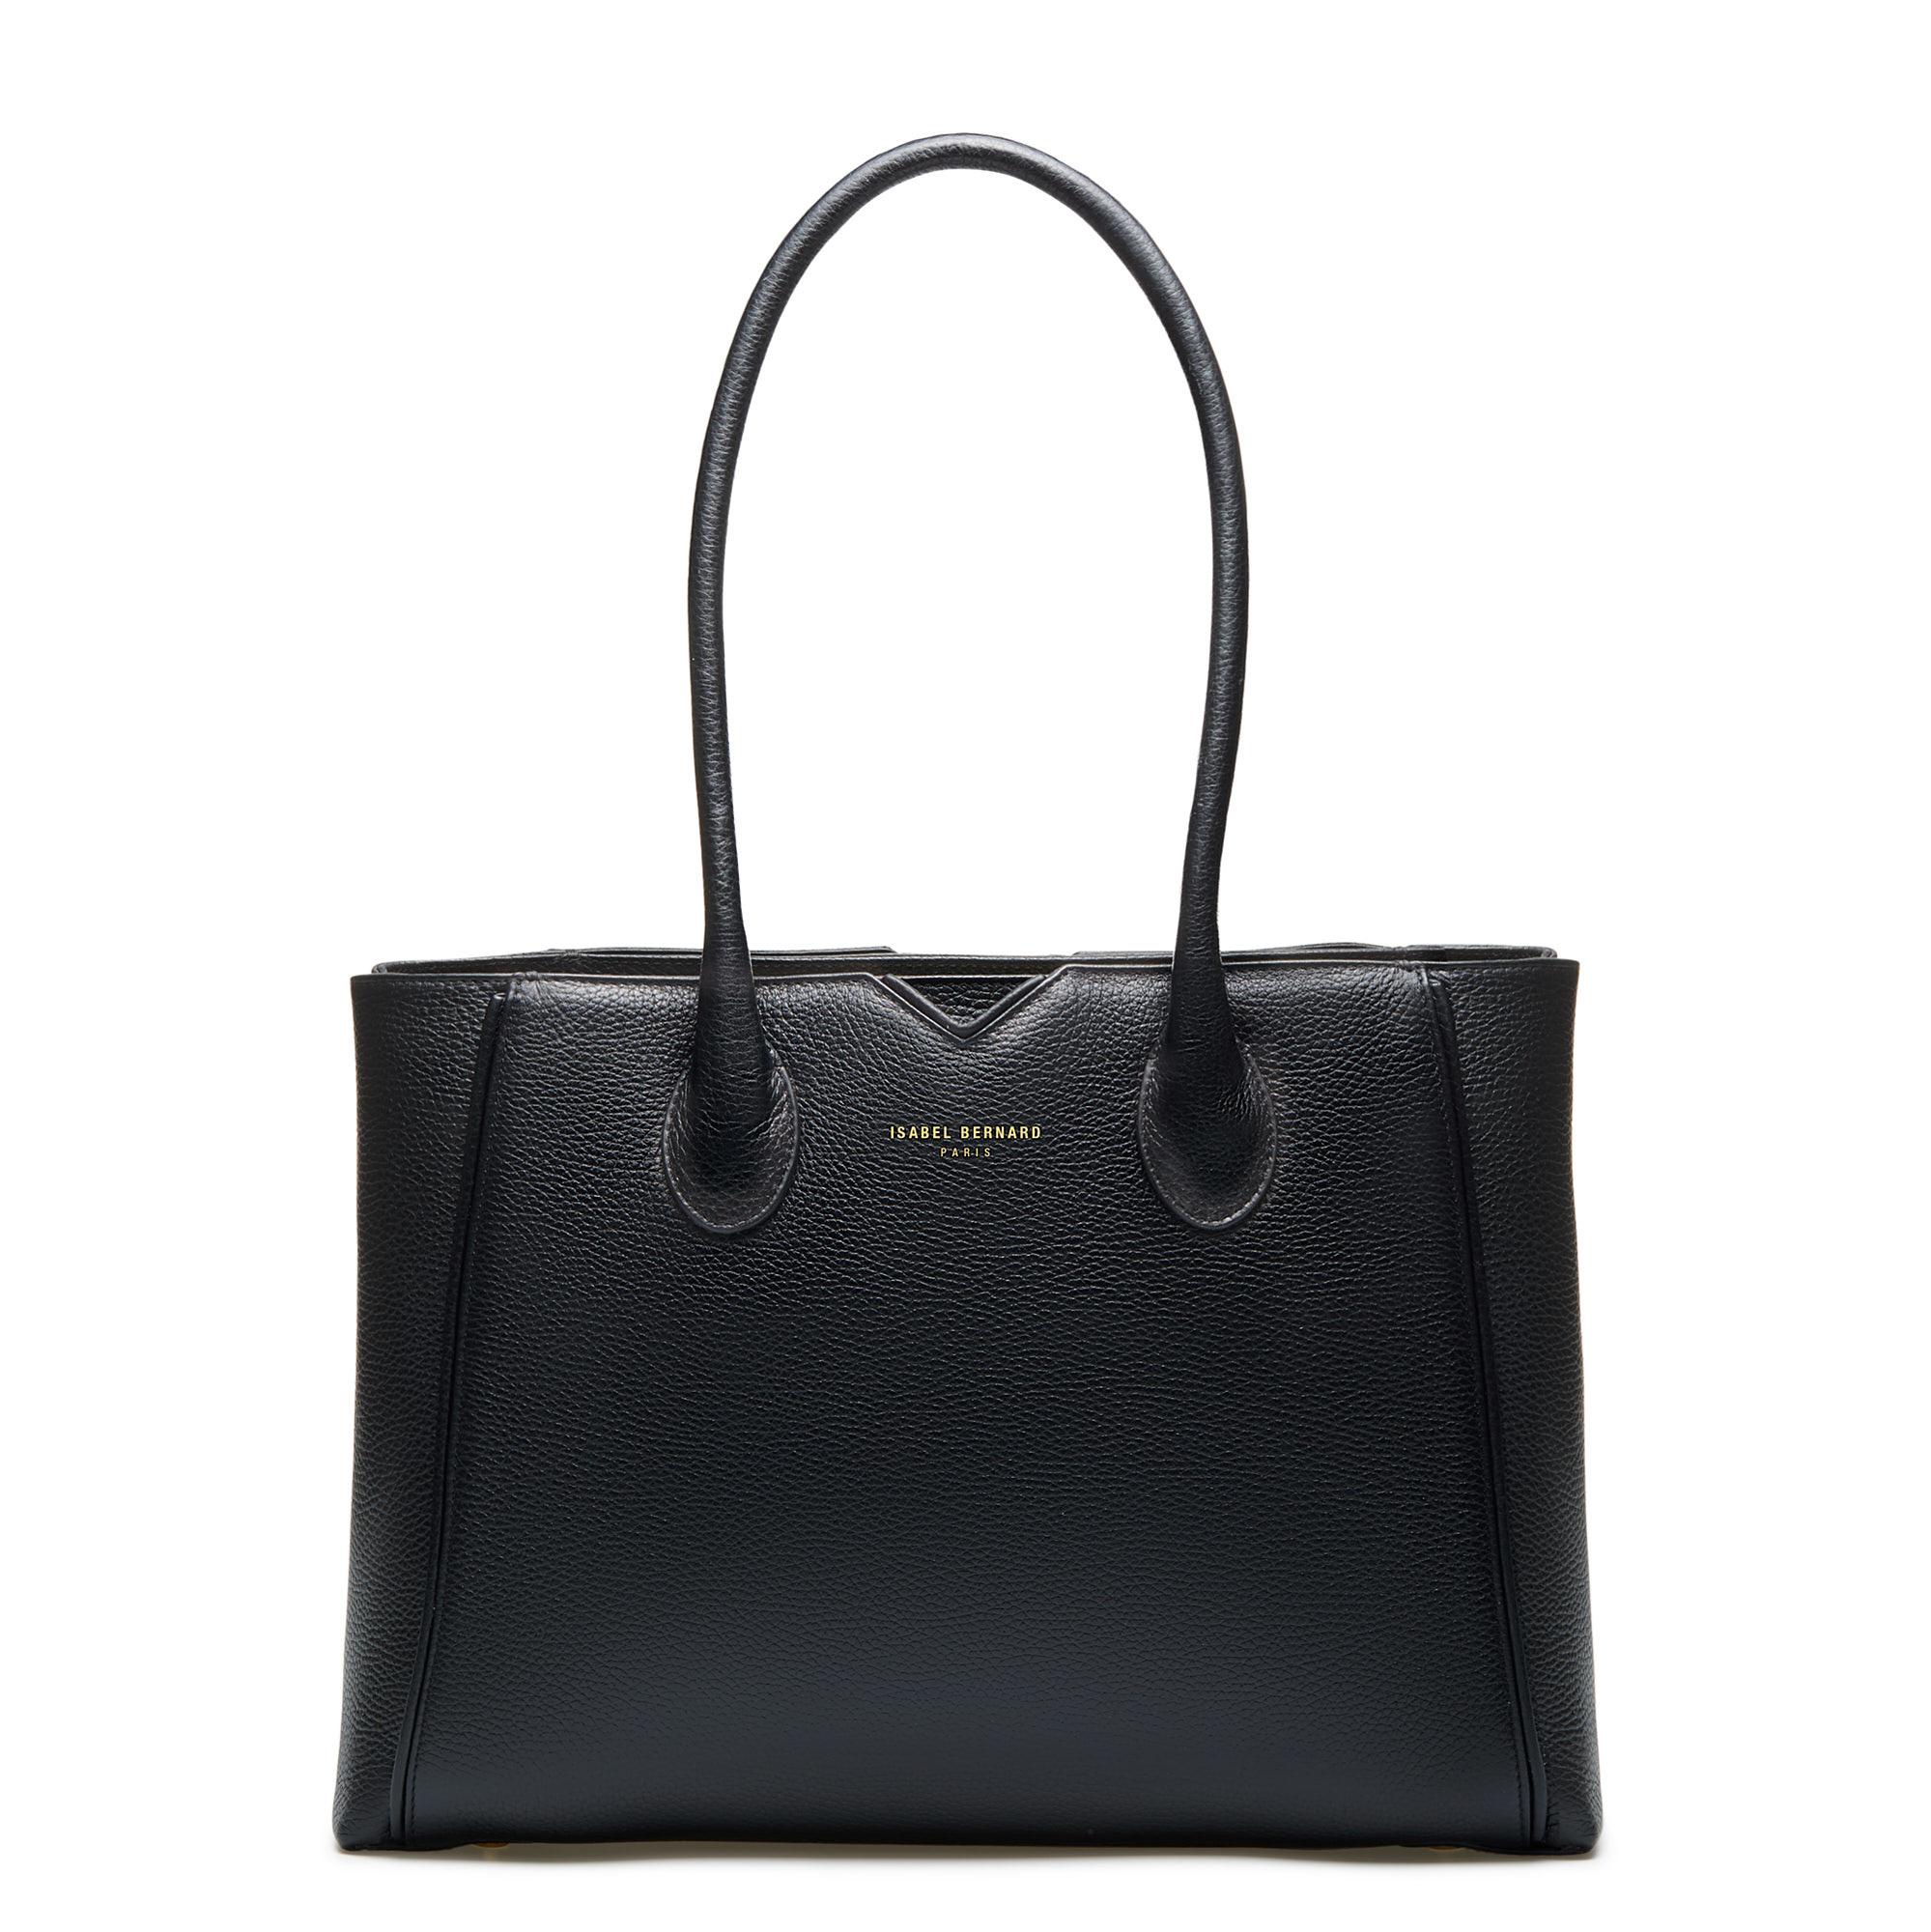 Isabel Bernard Honoré Cloe svart läder handväska av kalvskinn